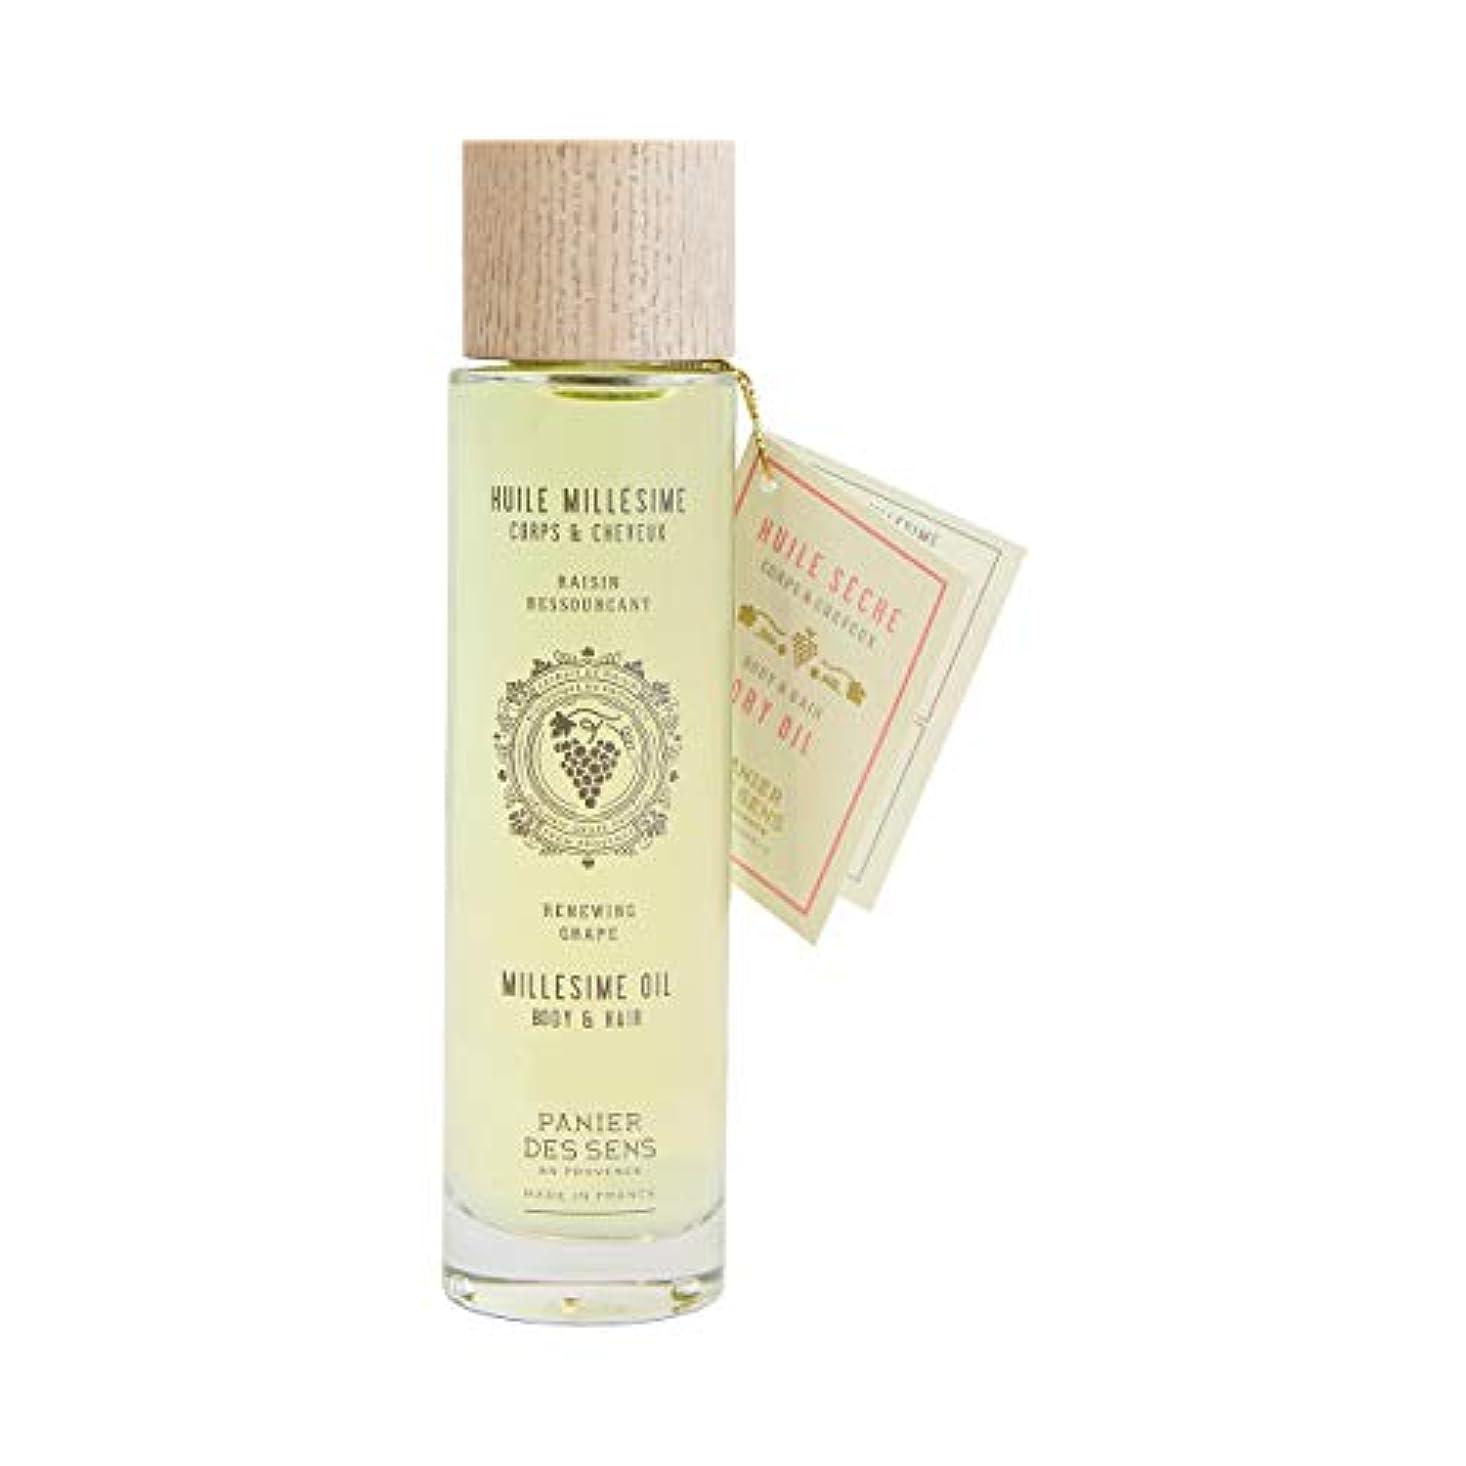 領事館妊娠したディスコパニエデサンス ボディー&ヘアオイル ホワイトグレープのフレッシュな香り 100mL(全身&髪用保湿 フランス)